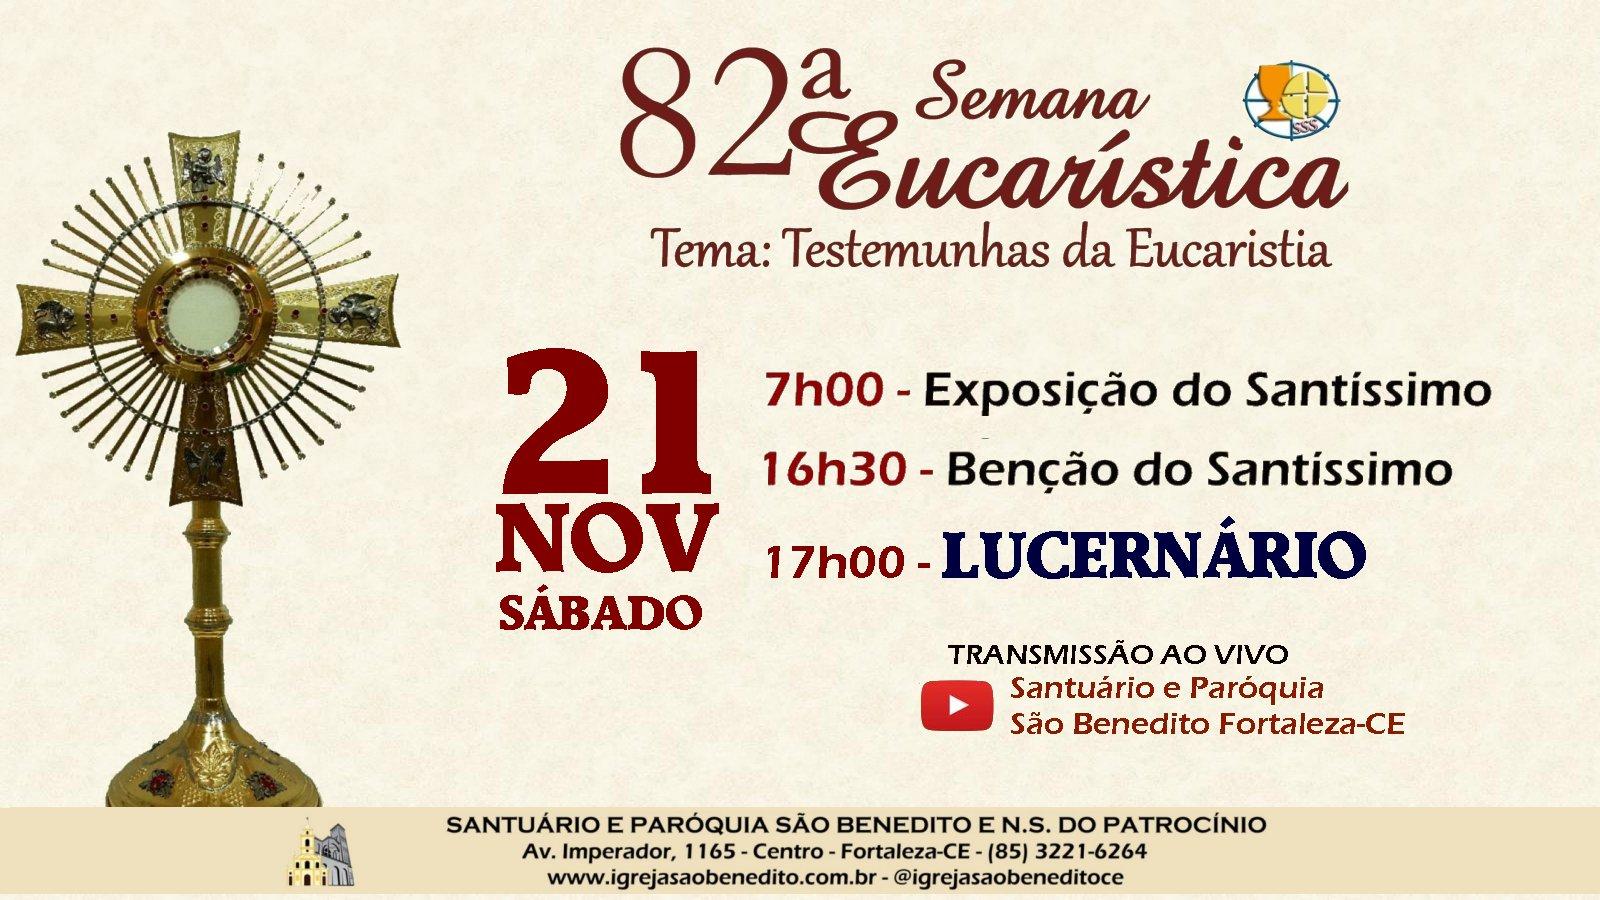 Paróquia São Benedito realiza sábado(21/11) o Lucernário na 82ª Semana Eucarística